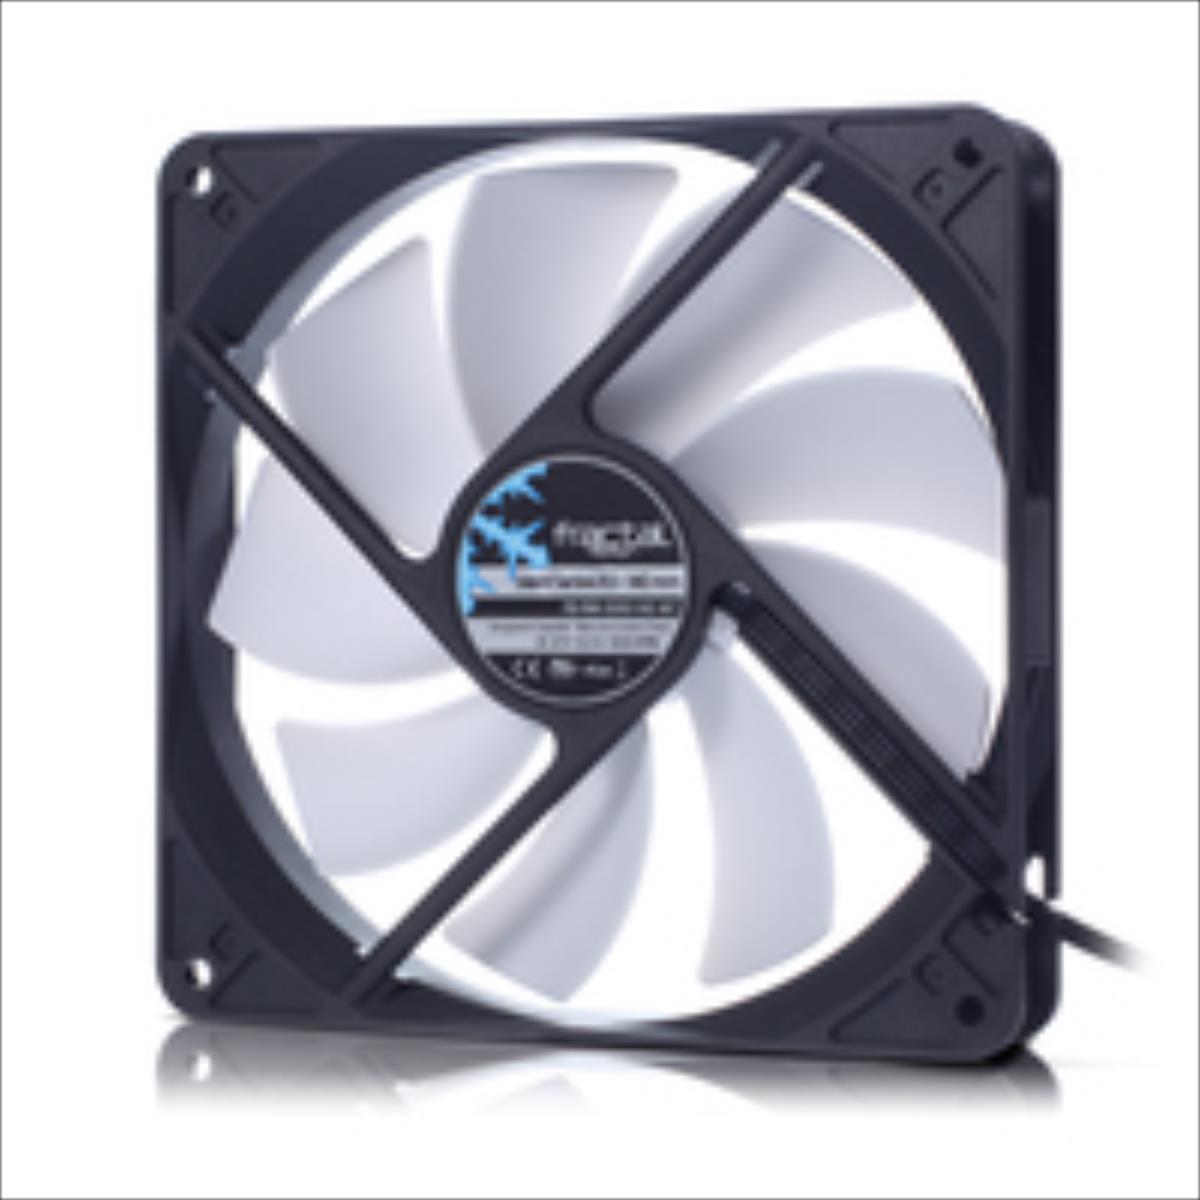 Fractal Design Silent R3 (FD-FAN-SSR3-140-WT) ventilators